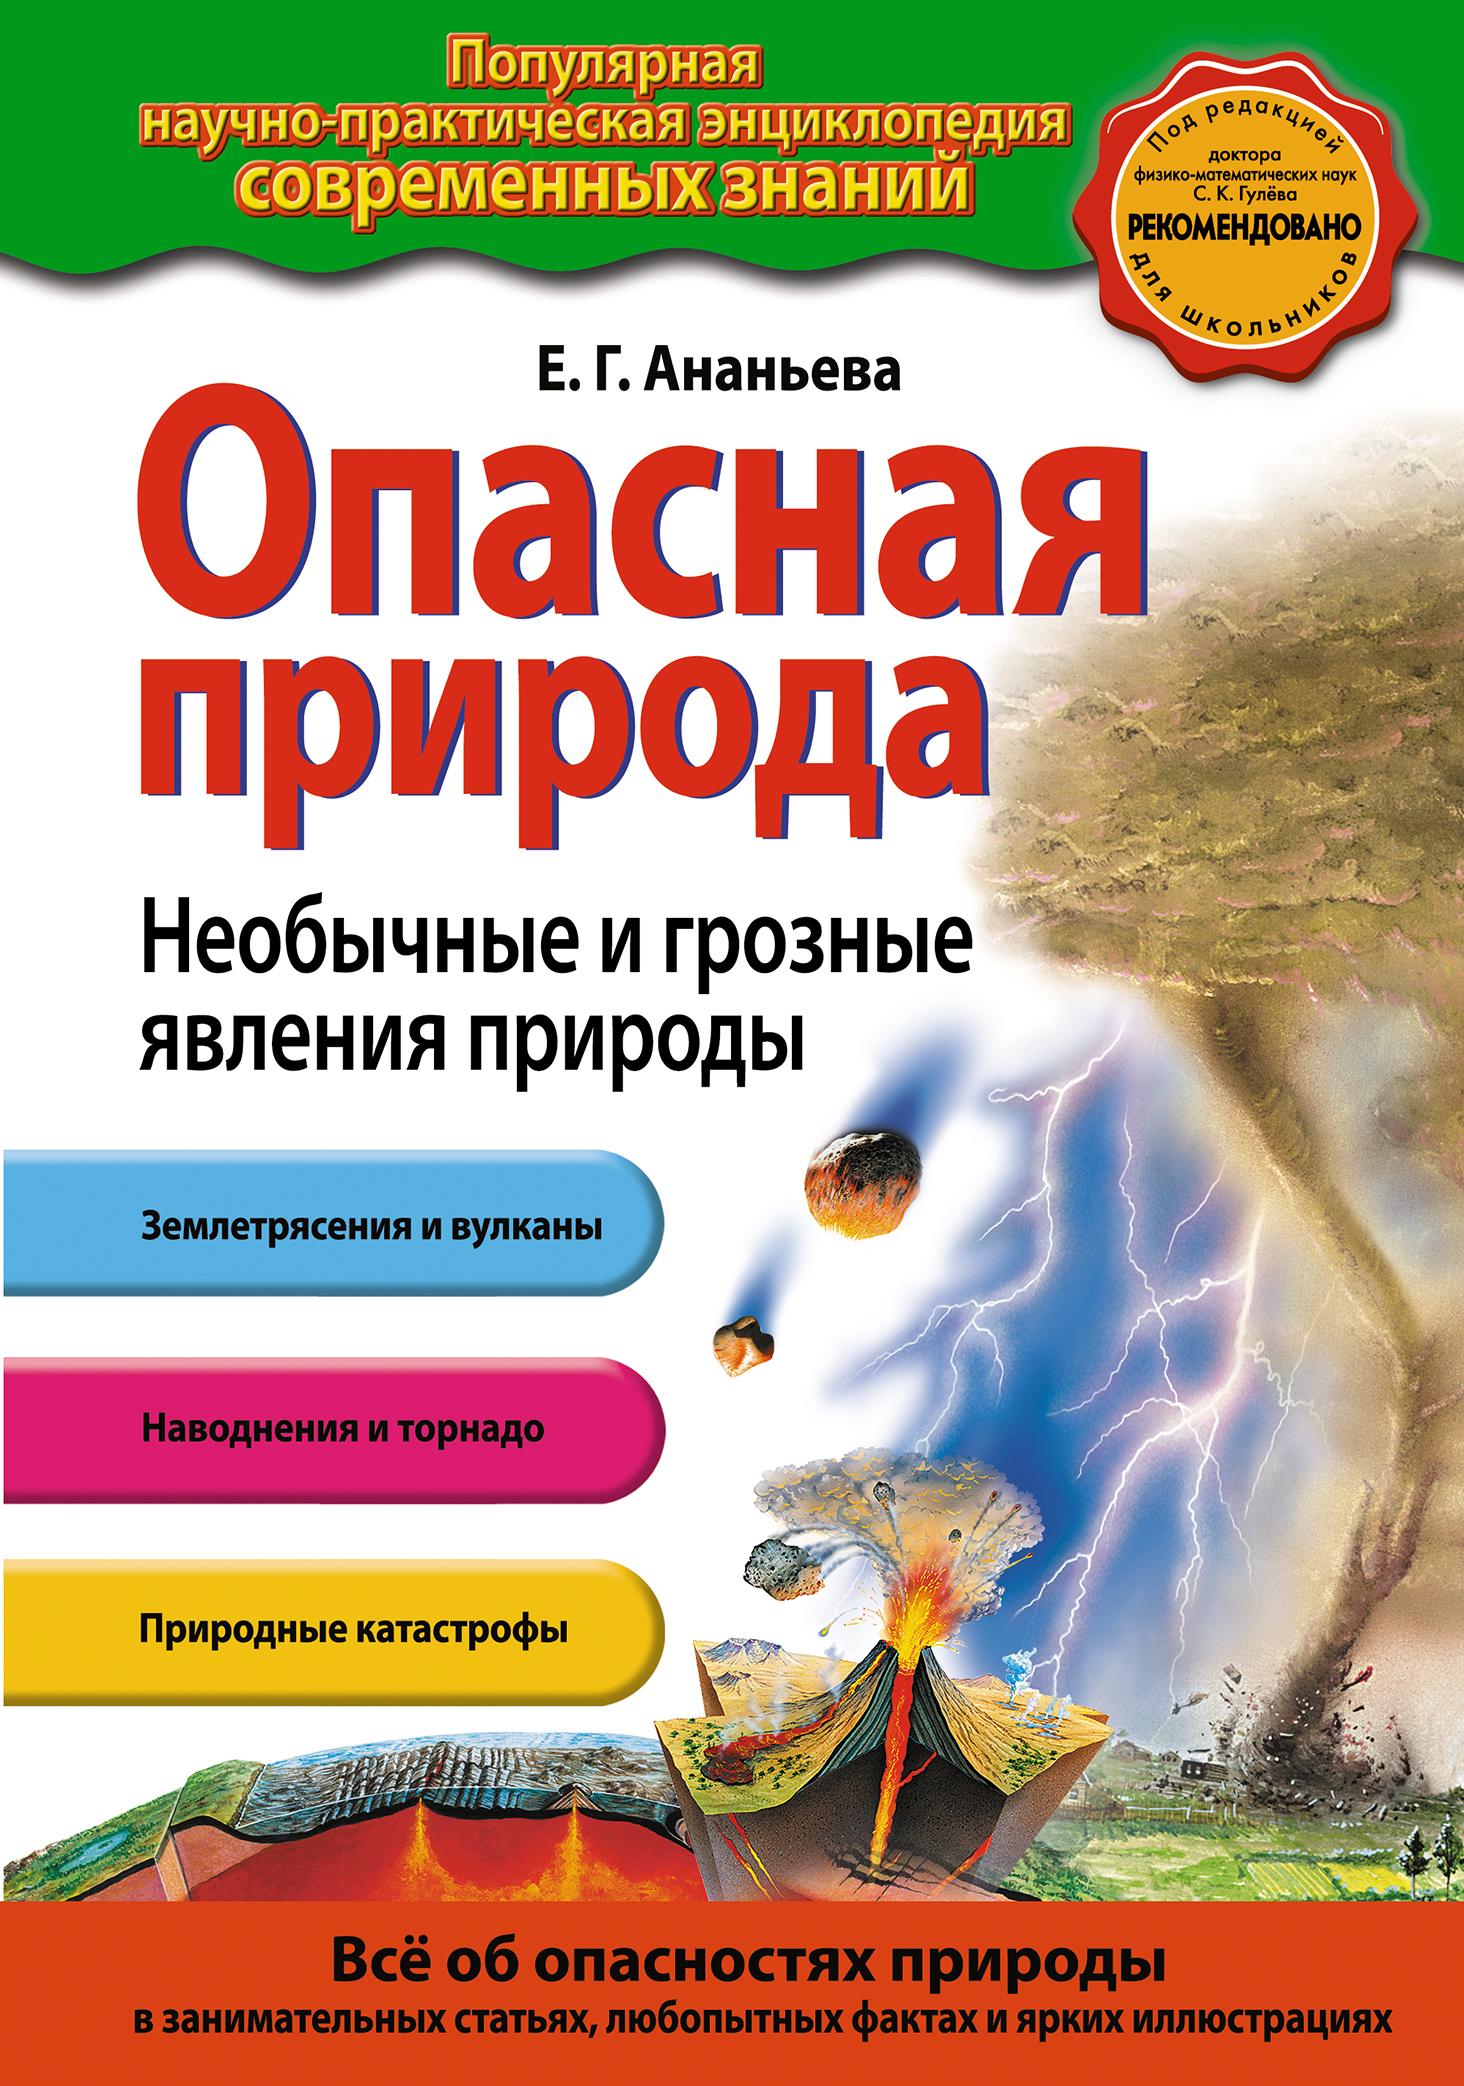 Опасная природа. Необычные и грозные явления природы ( Ананьева Е.Г.  )